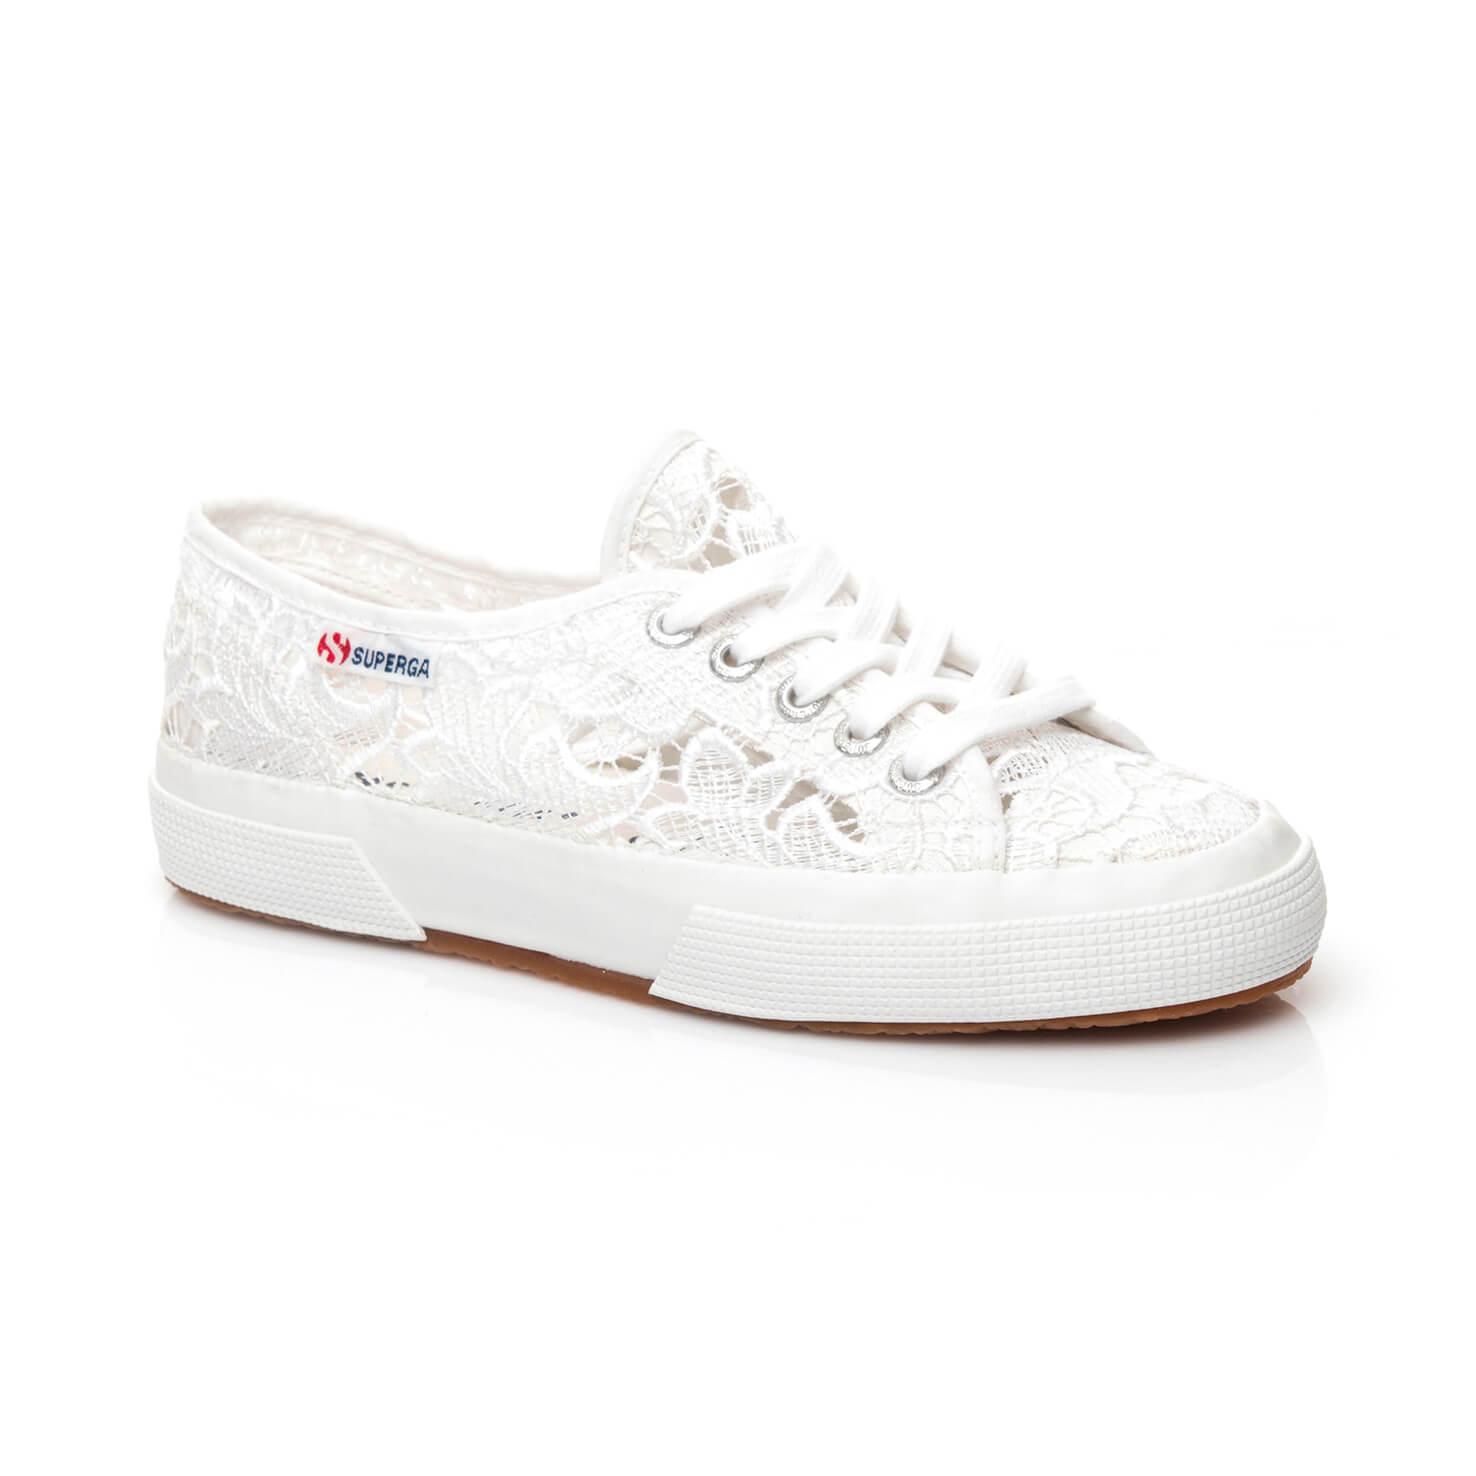 Superga 2750 Macramew Kadın Beyaz Sneaker